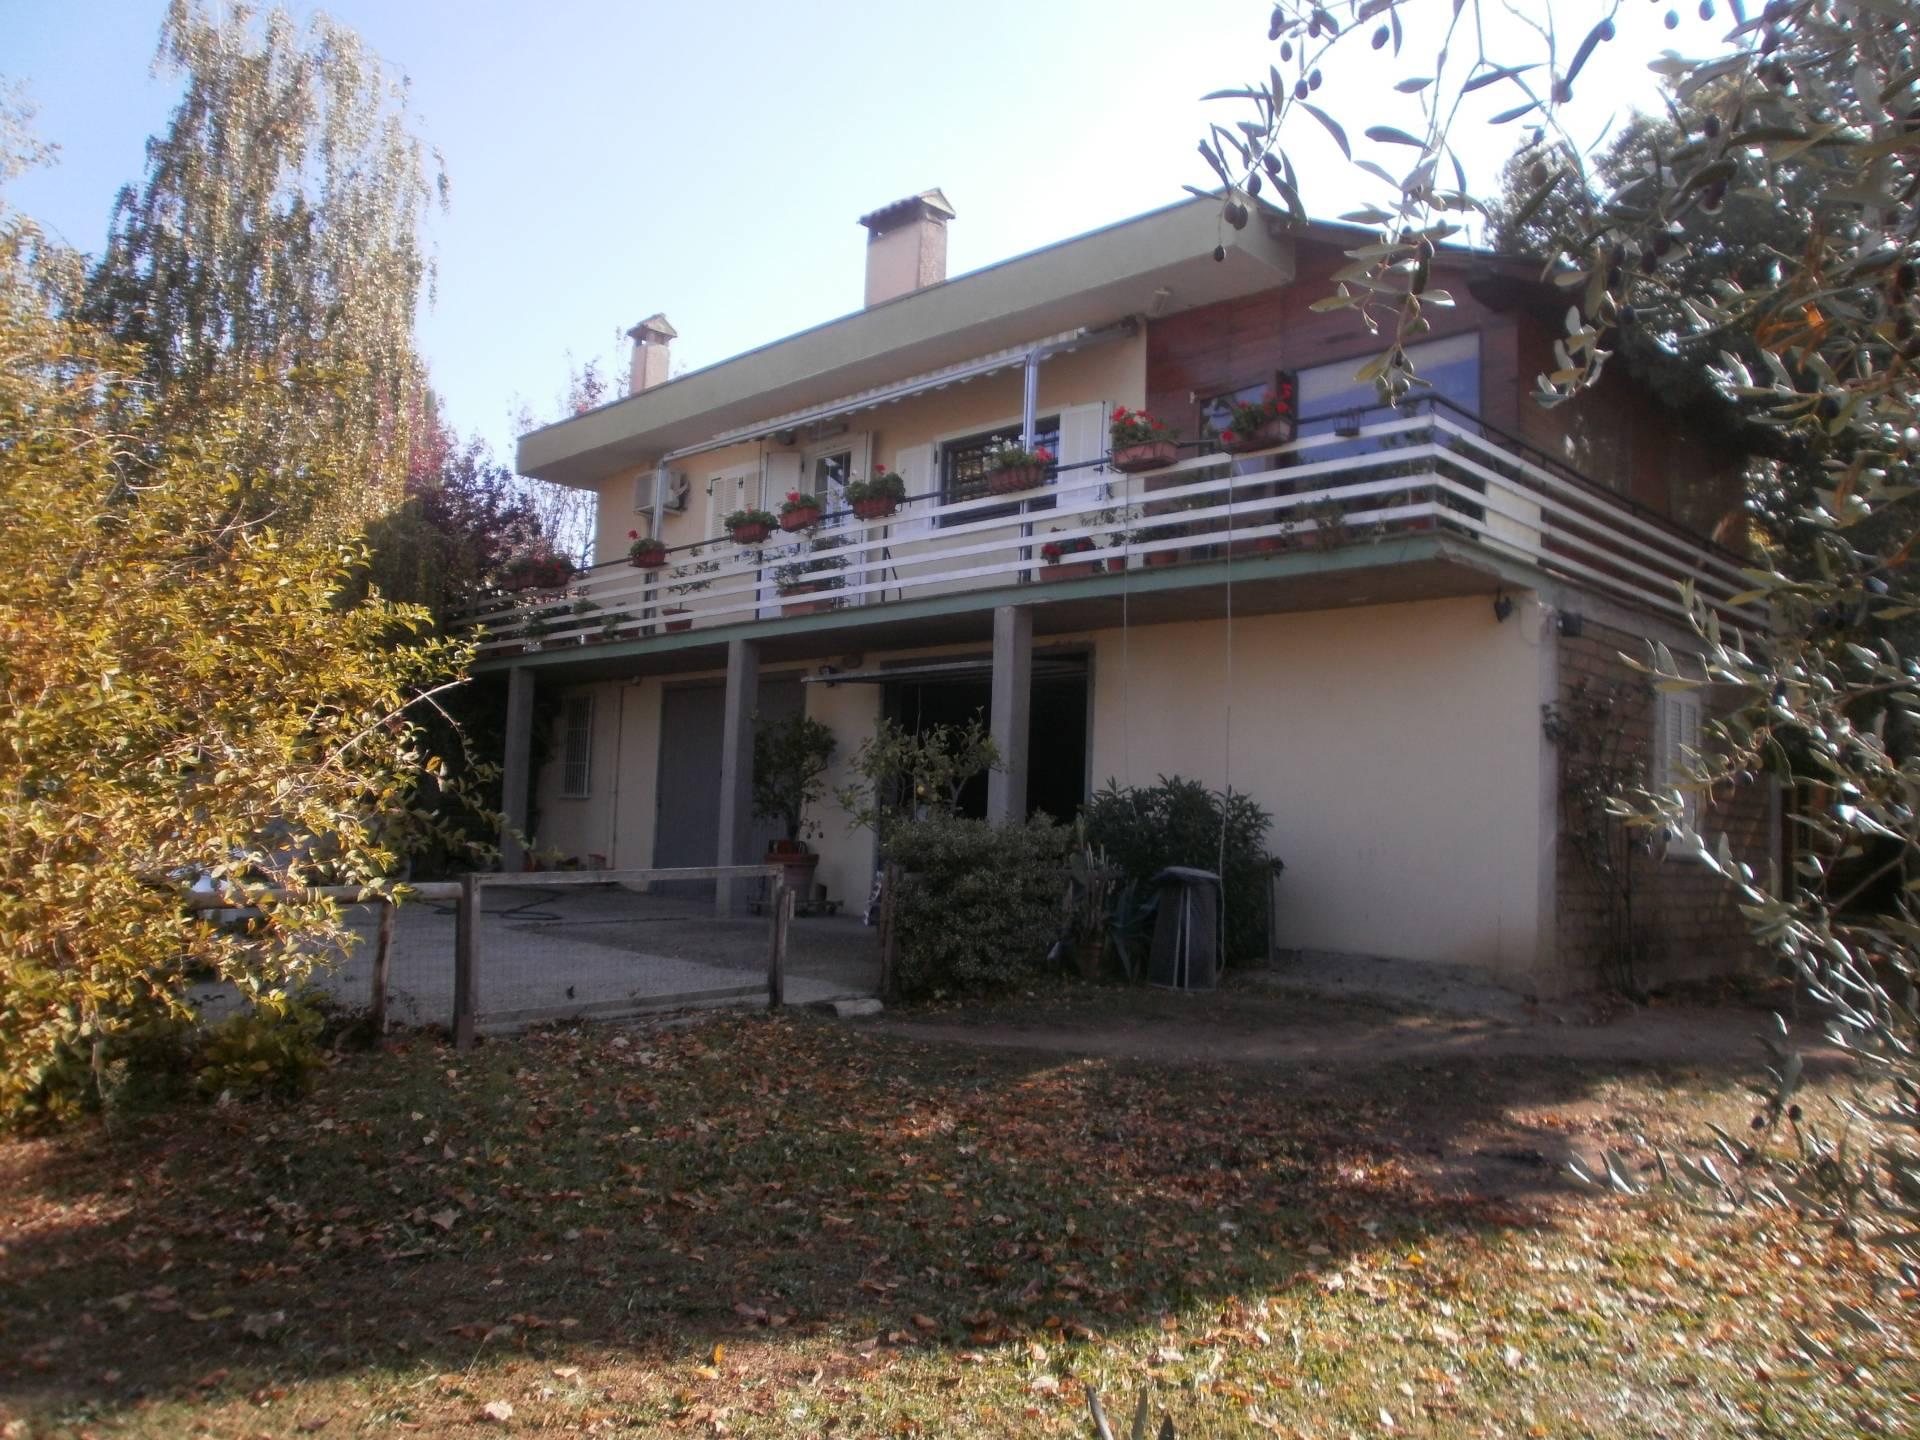 Villa in vendita a Viterbo, 6 locali, zona Zona: Bagnaia, prezzo € 499.000 | Cambio Casa.it